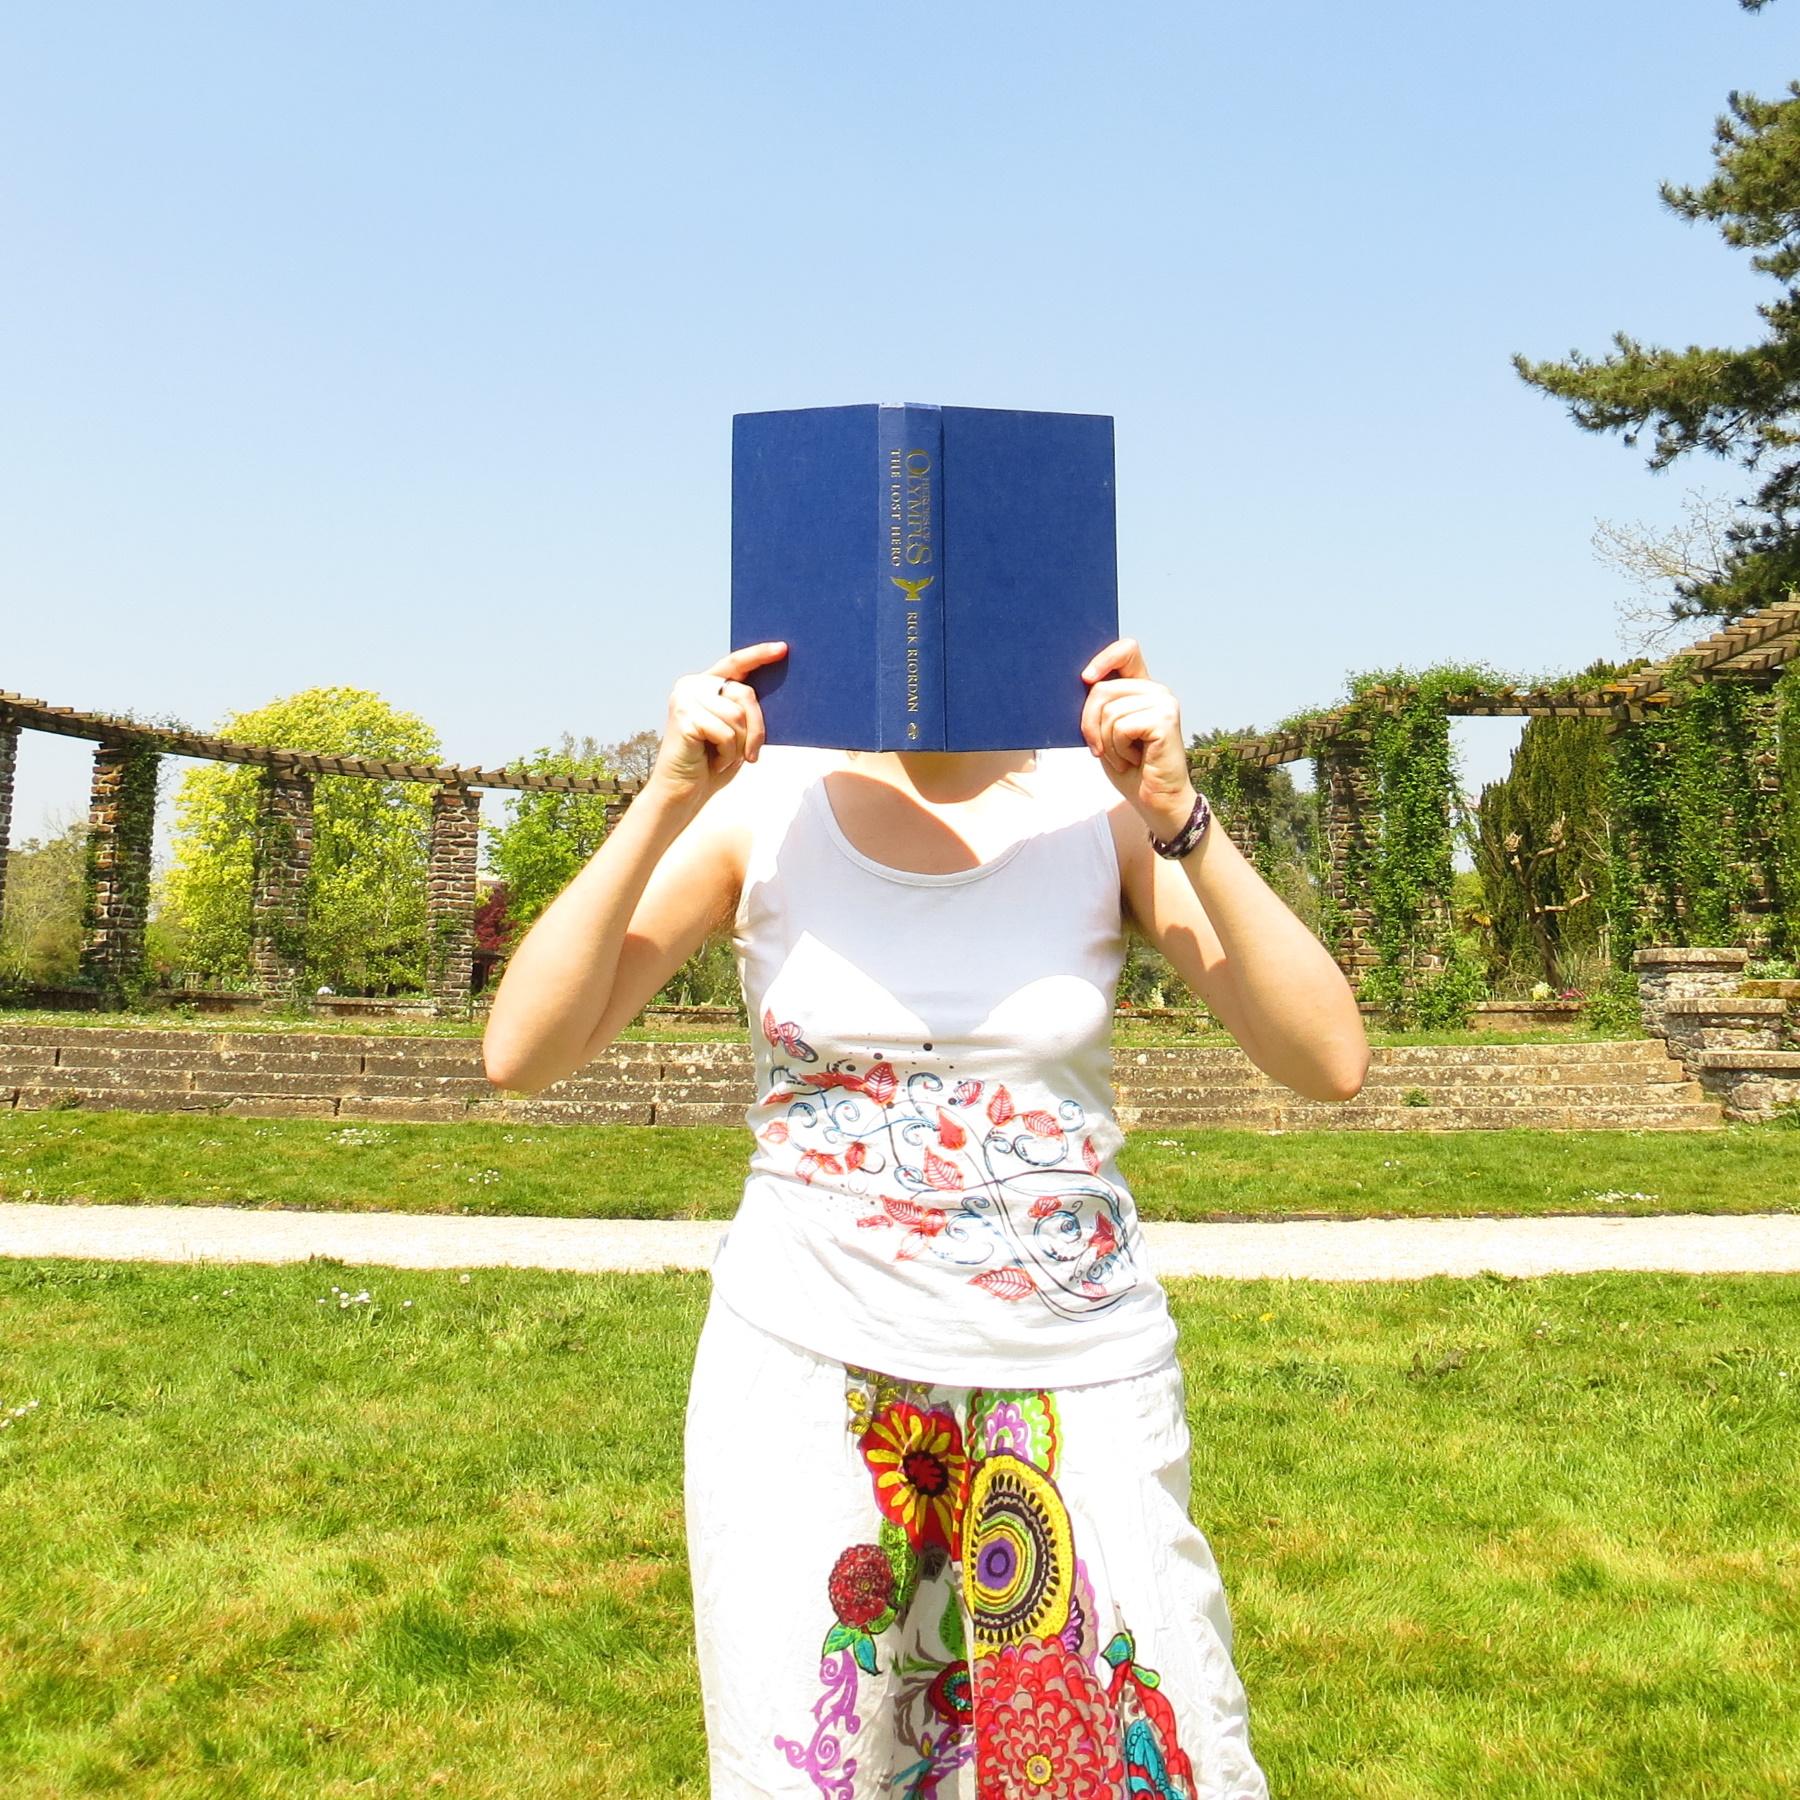 personne en sarouel blanc à motifs colorés lisant Héros de l'Olympe tome 1 devant un demi-cercle de colonnes